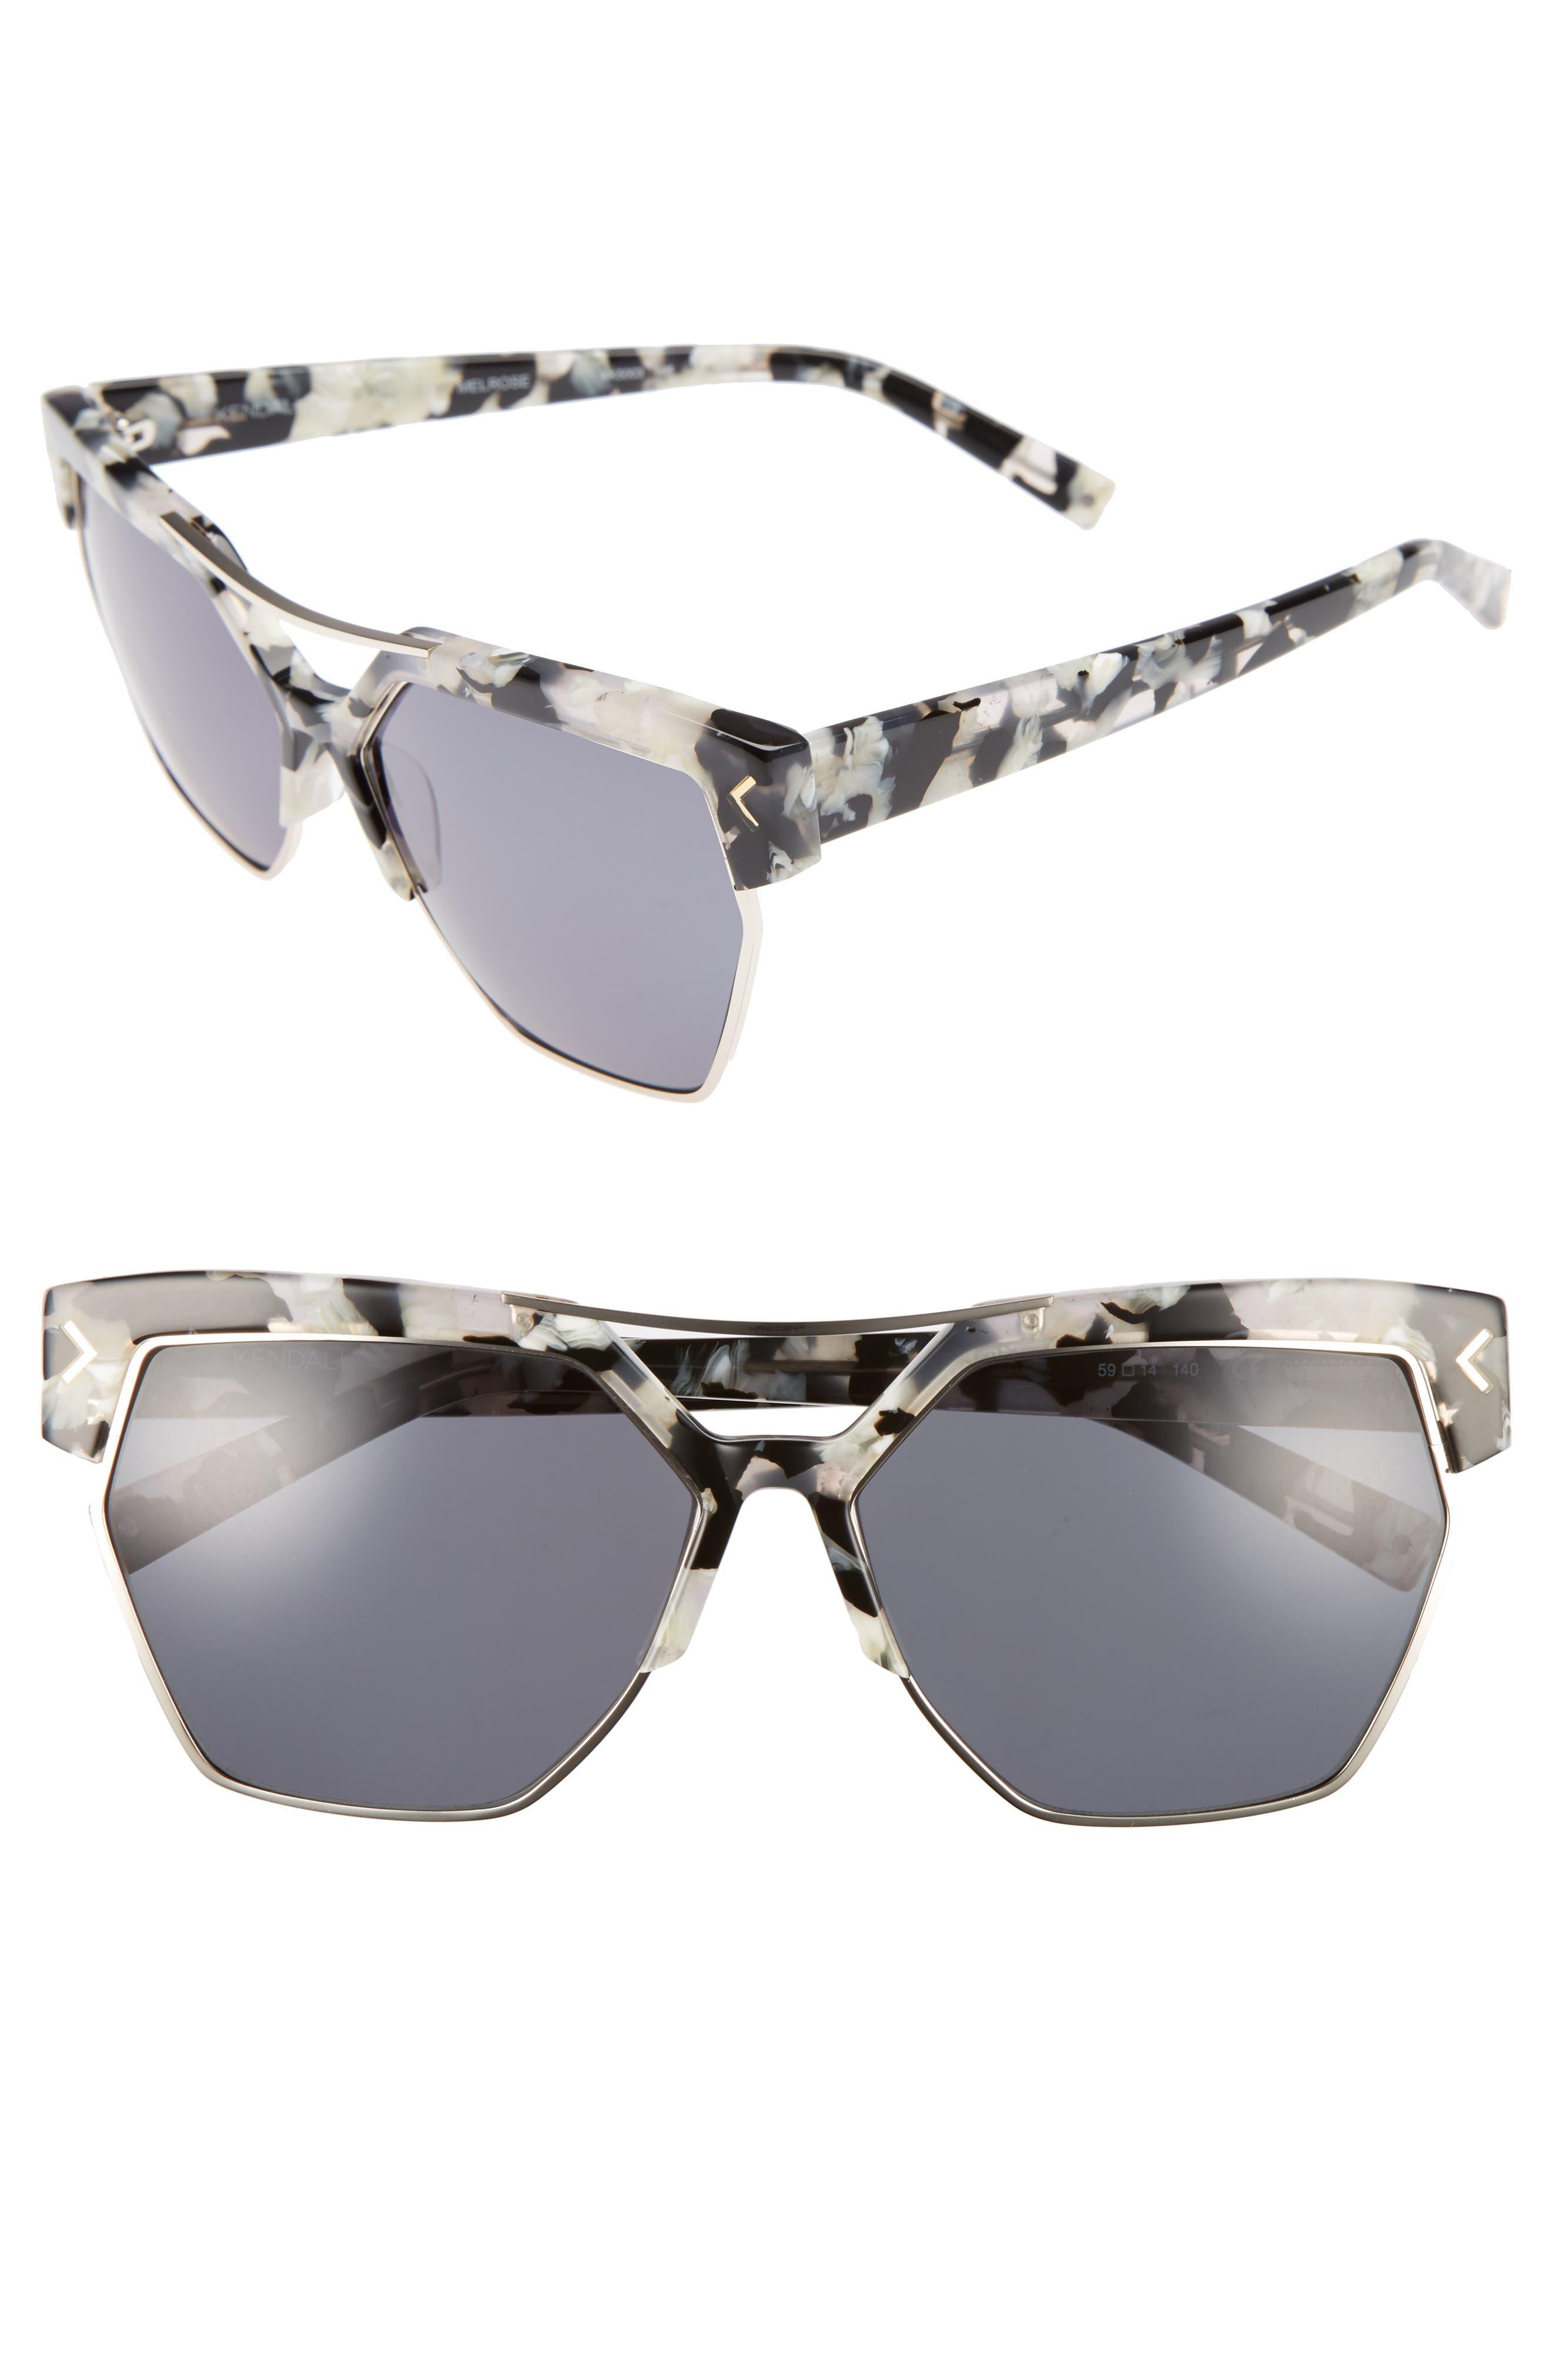 55mm Retro Sunglasses,                         Main,                         color,